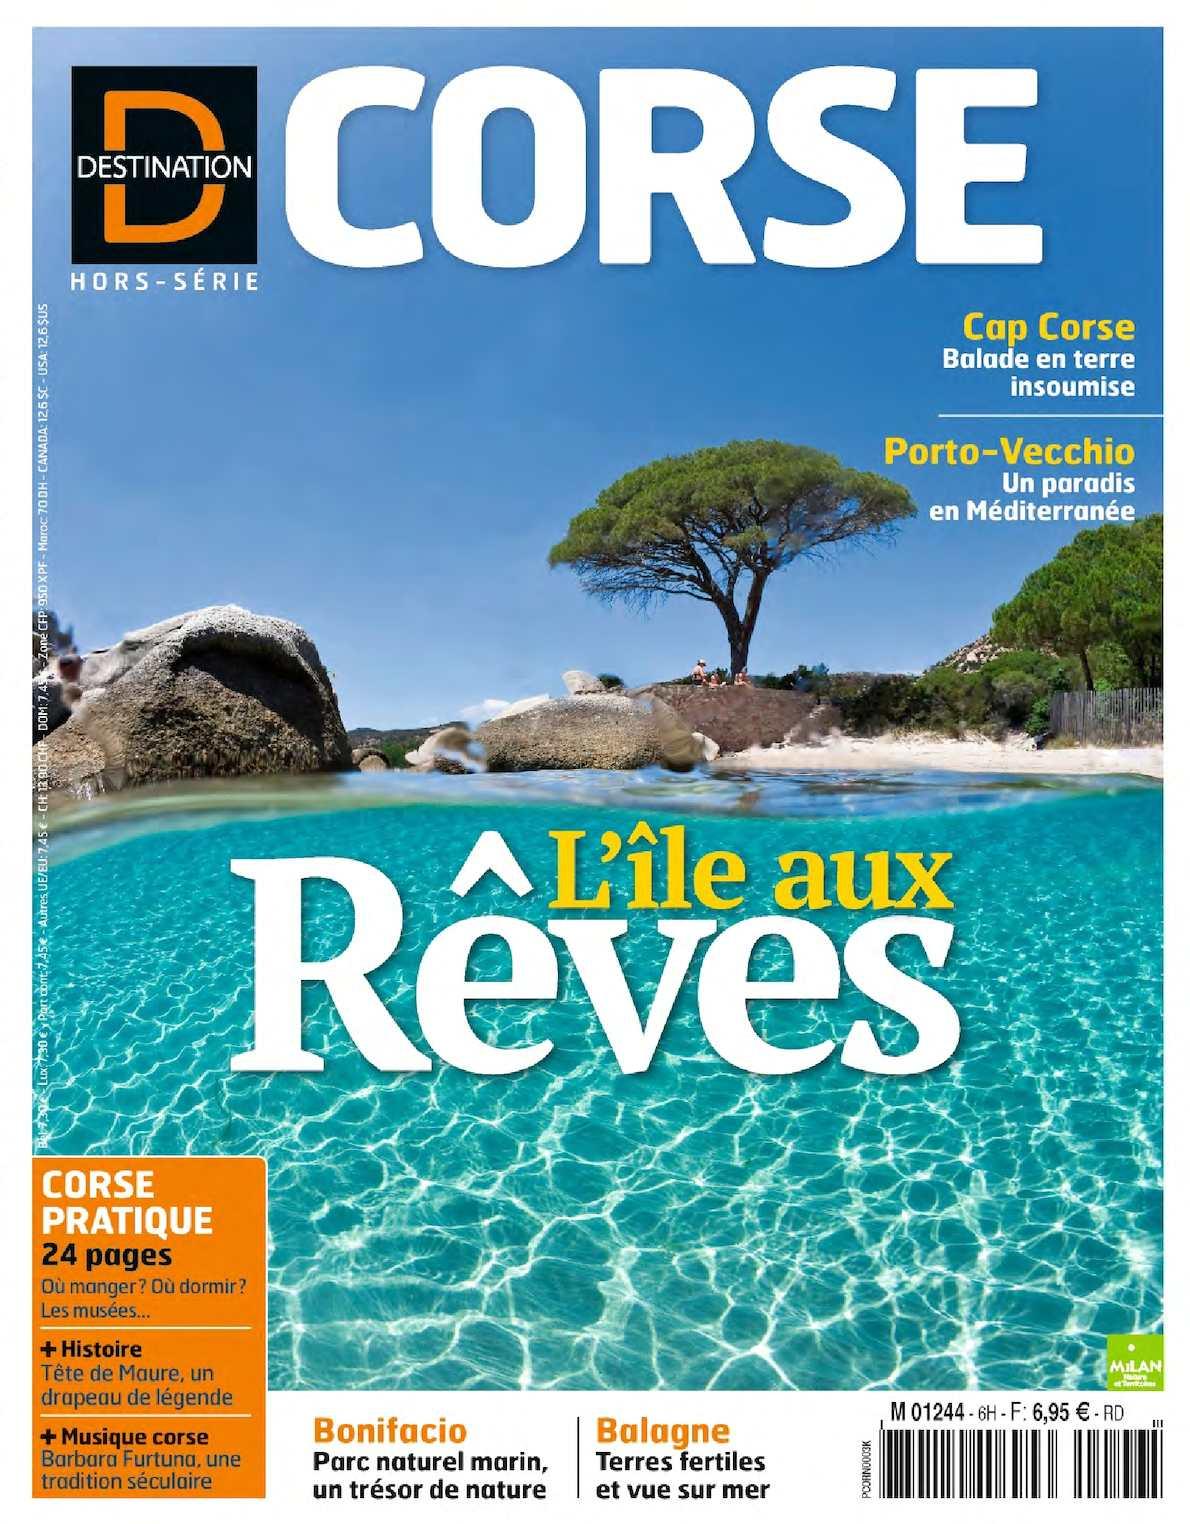 Destination Corse 2016